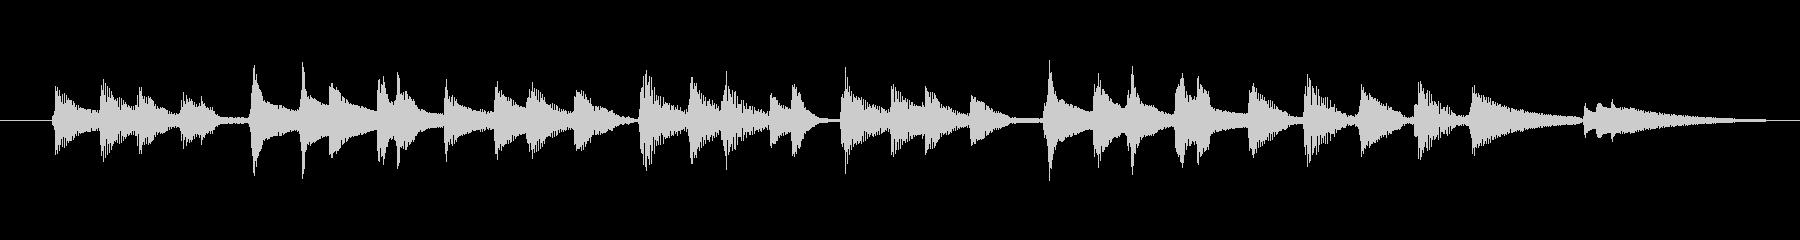 【ジングル】明るい短めのウクレレの未再生の波形